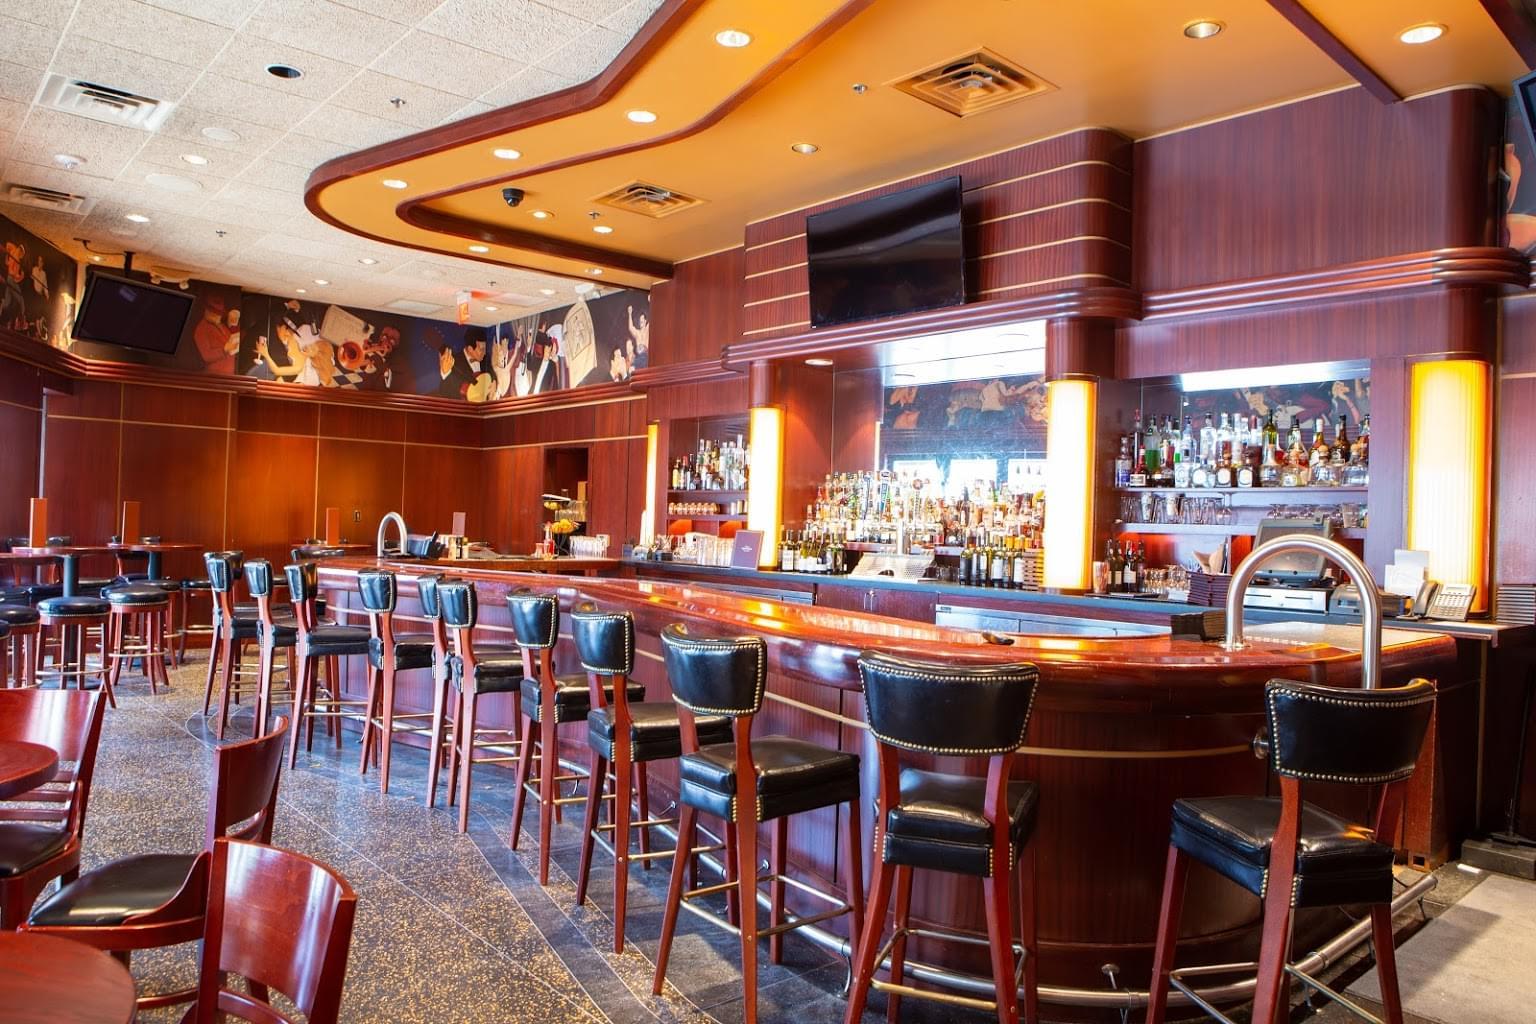 Sullivan's Steakhouse restaurant in Omaha, NE